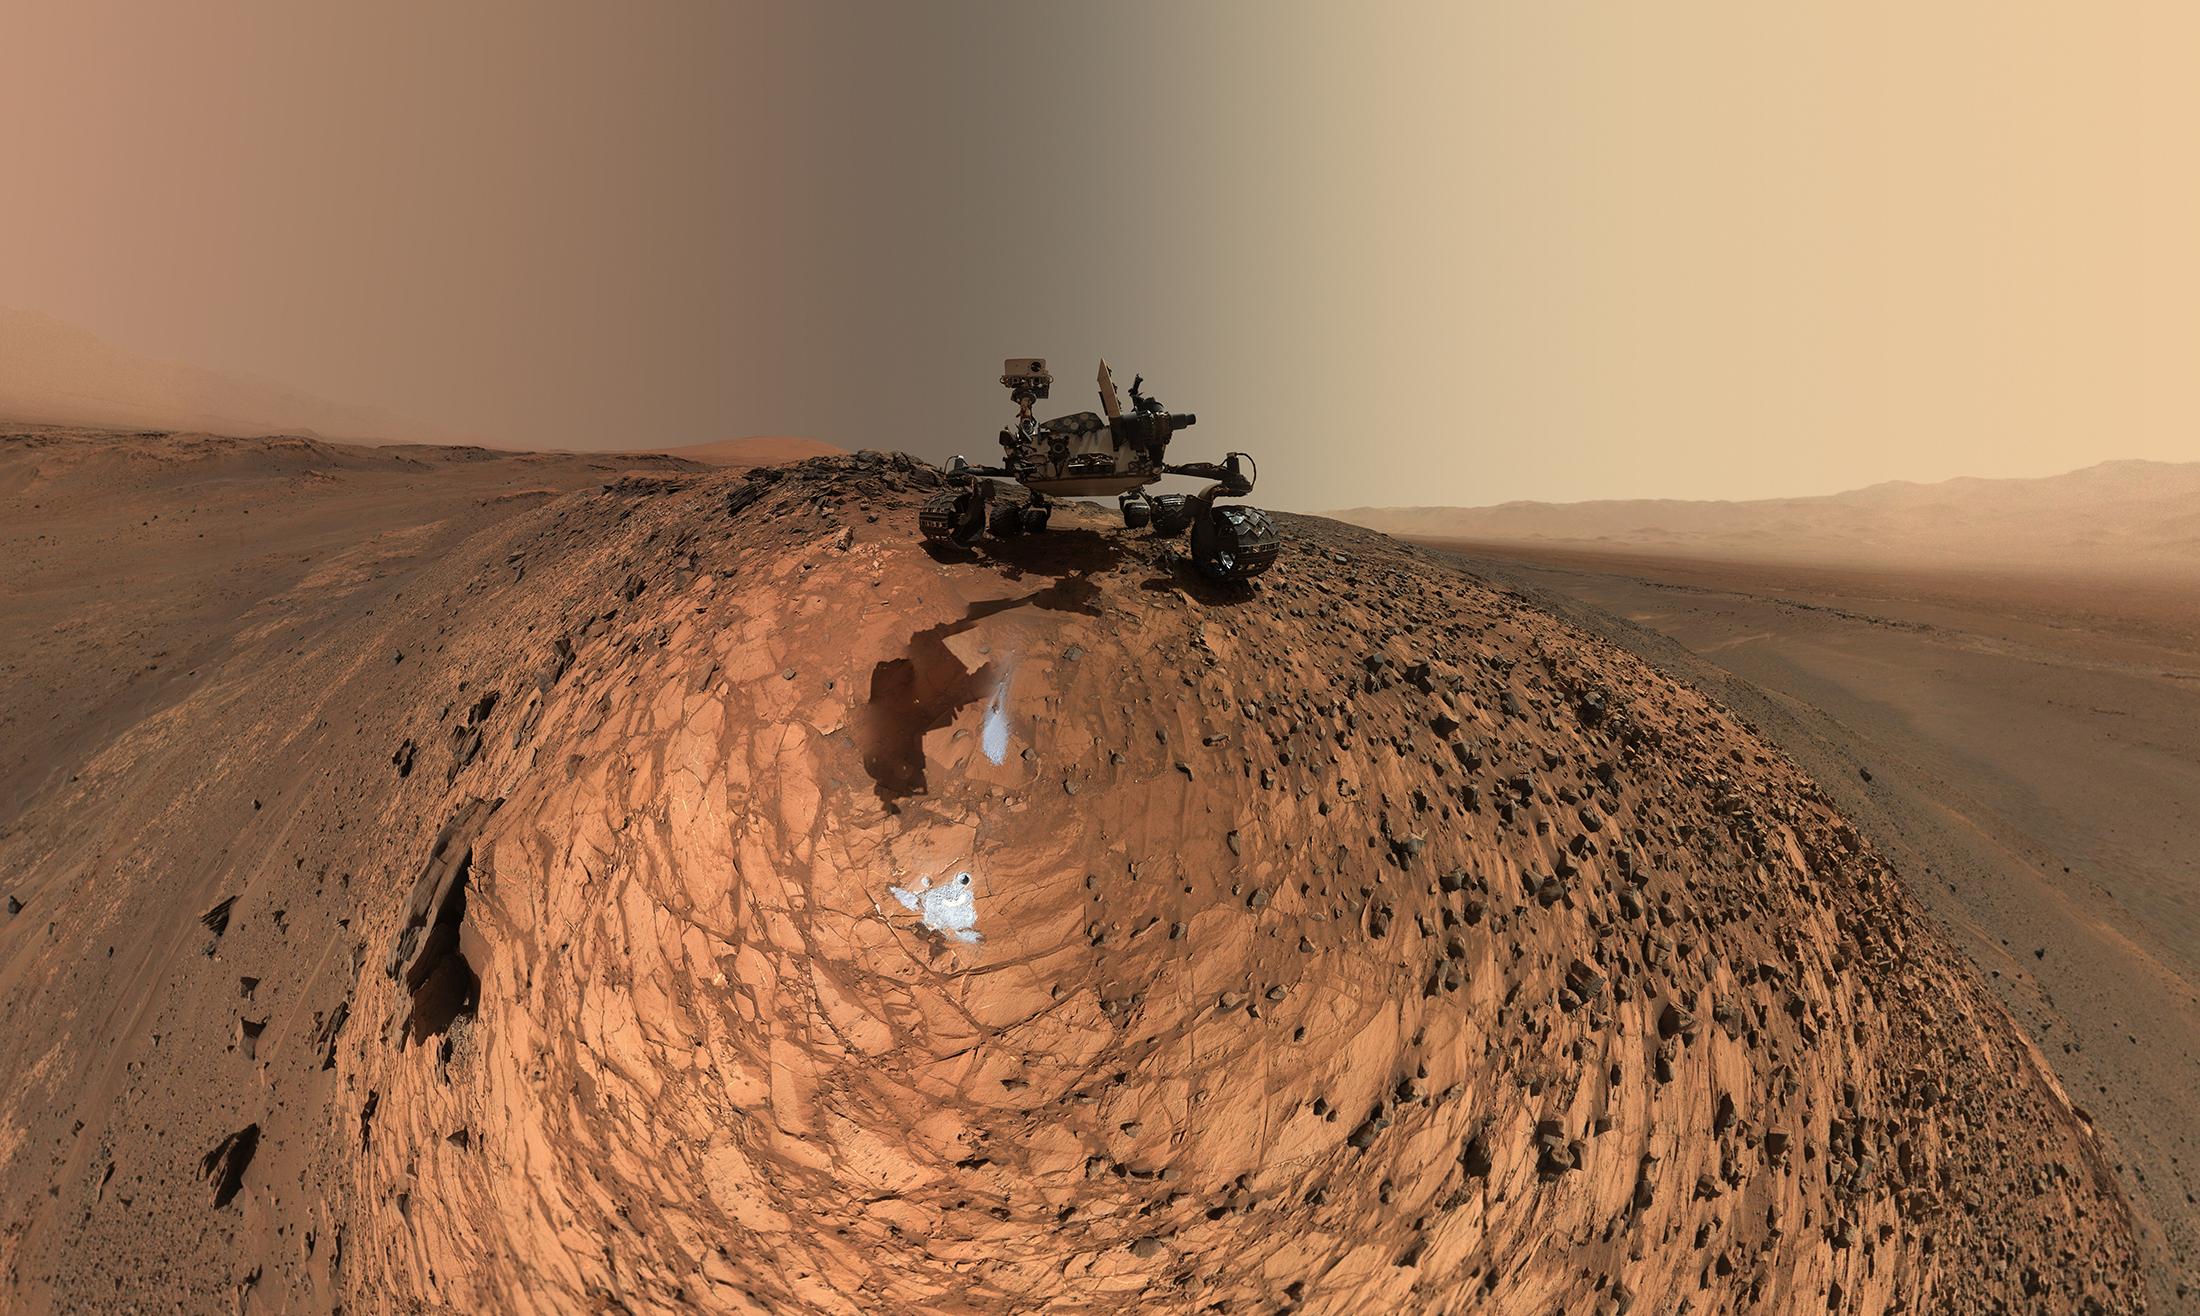 4 nơi có khả năng tồn tại sự sống ngoài Trái Đất - ảnh 2.